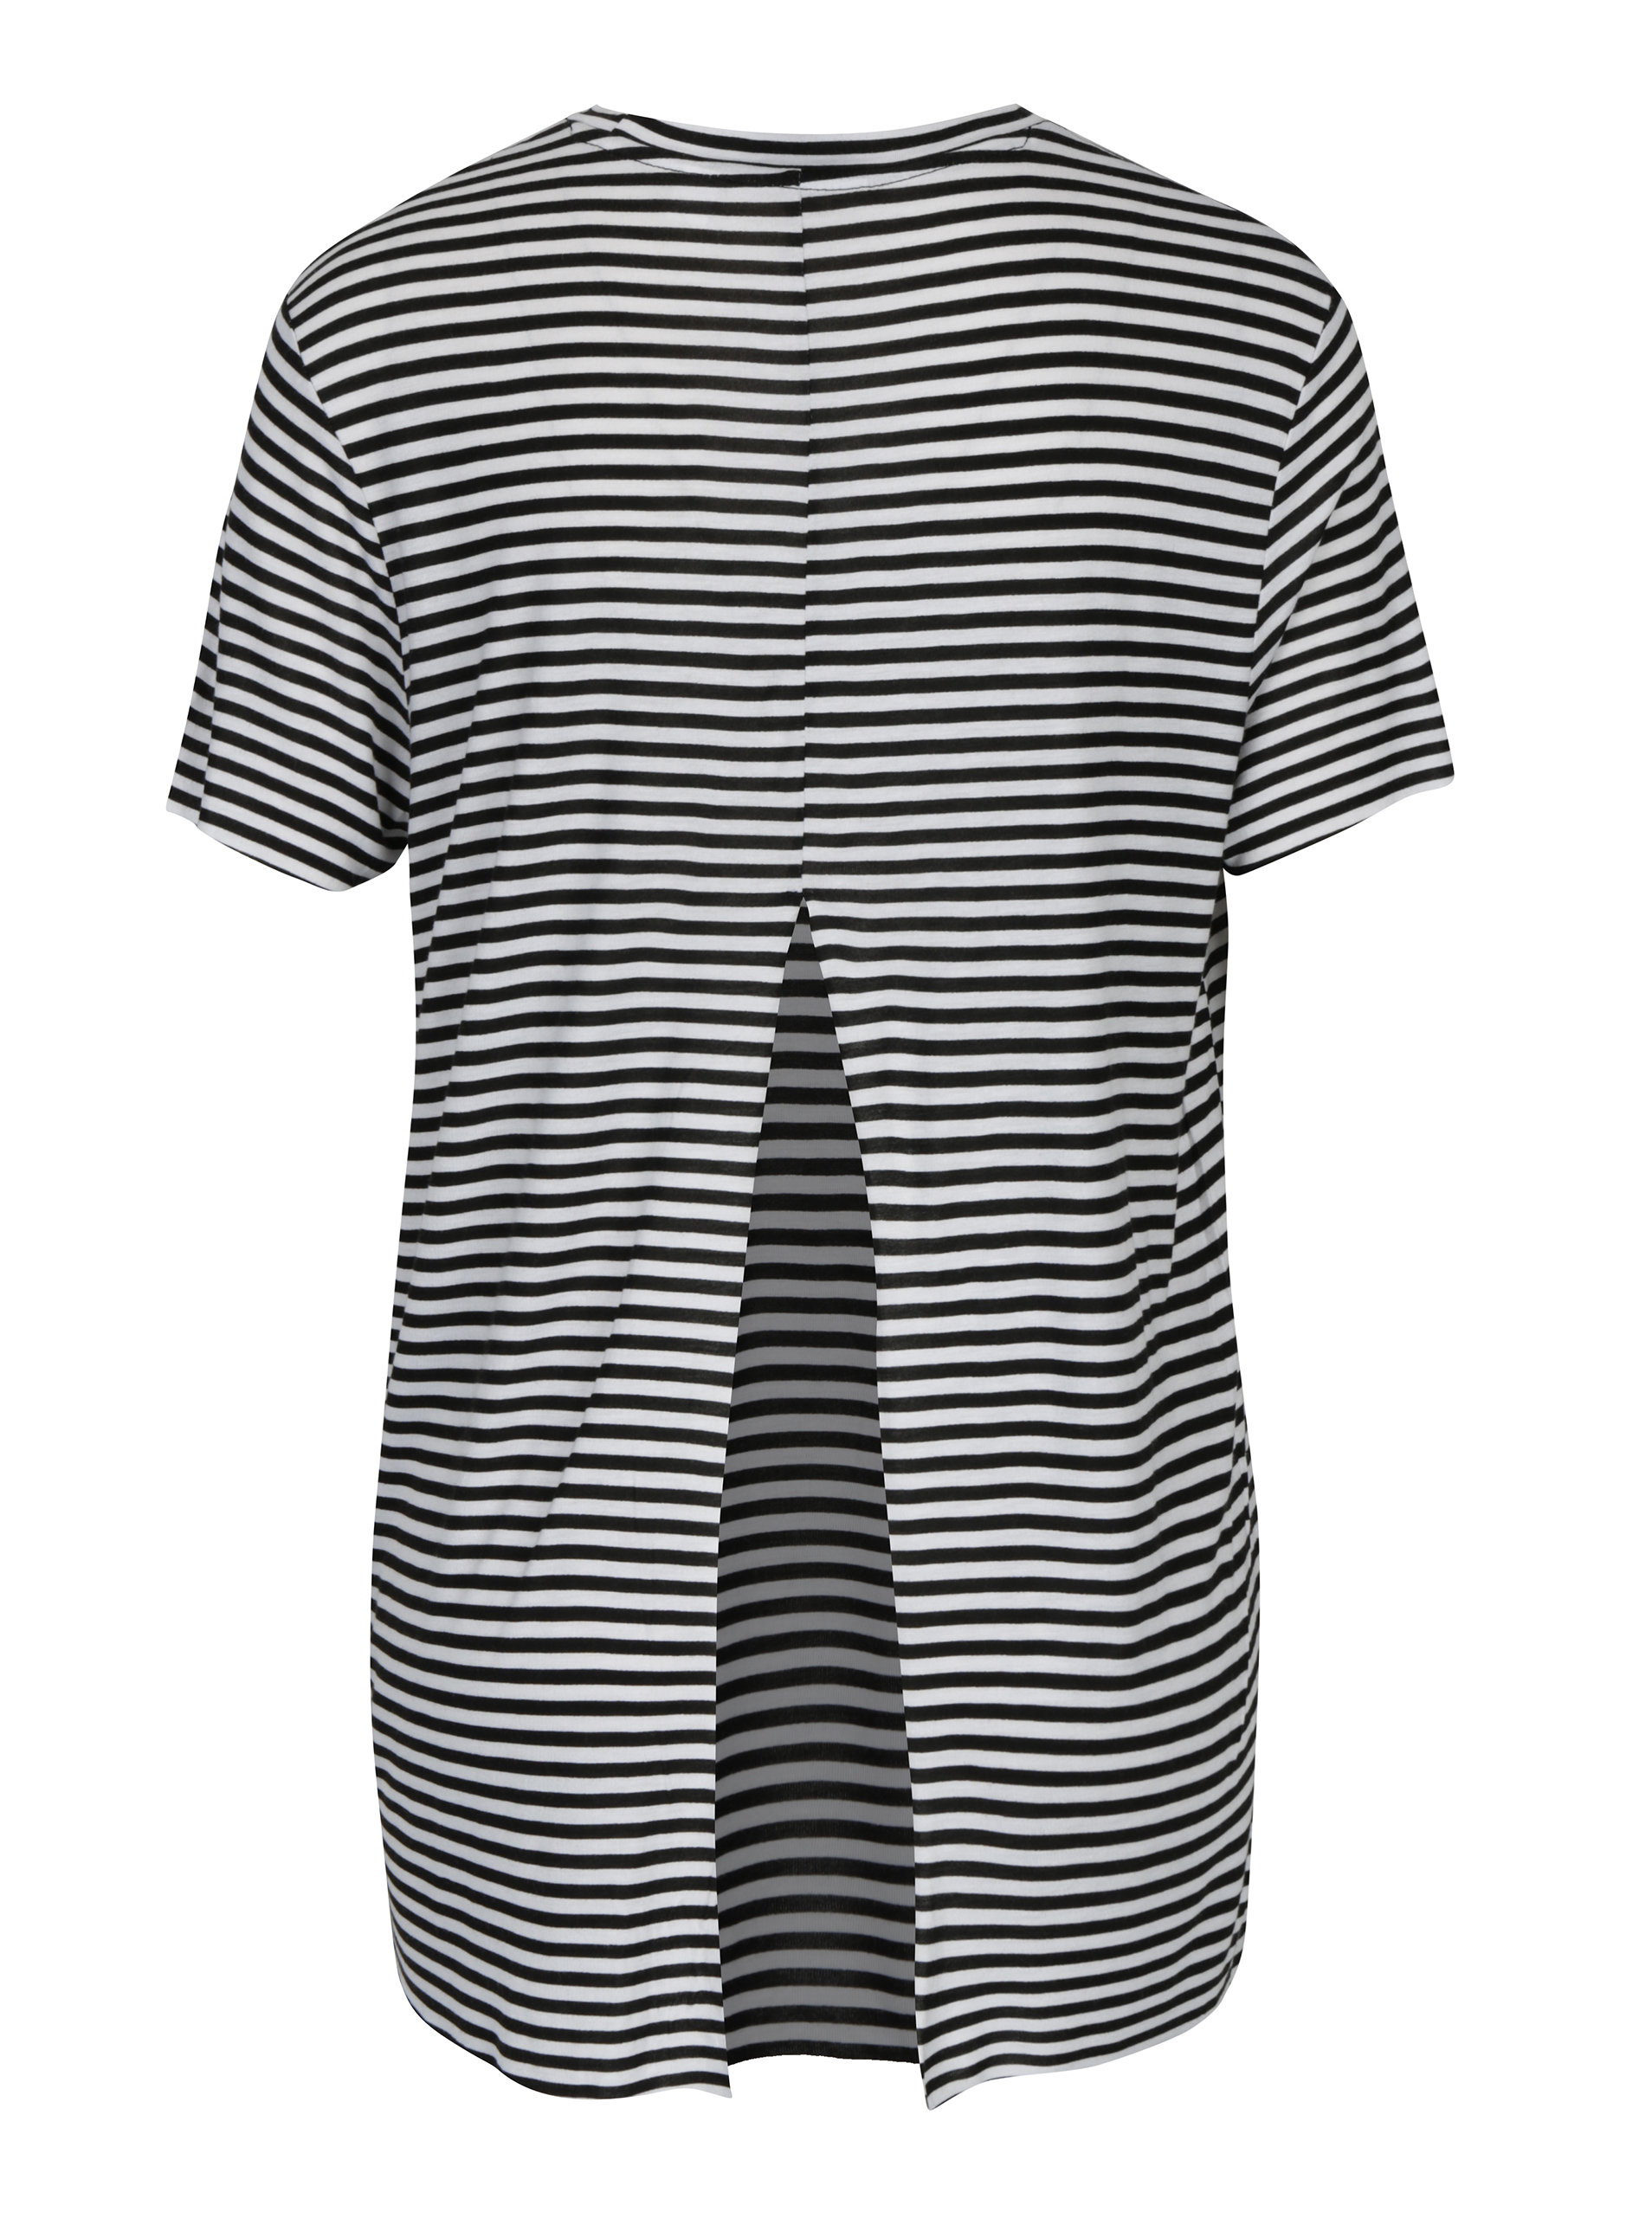 96b9a9e0c3e Černo-bílé dámské pruhované volné tričko s průstřihem na zádech Cheap Monday  ...